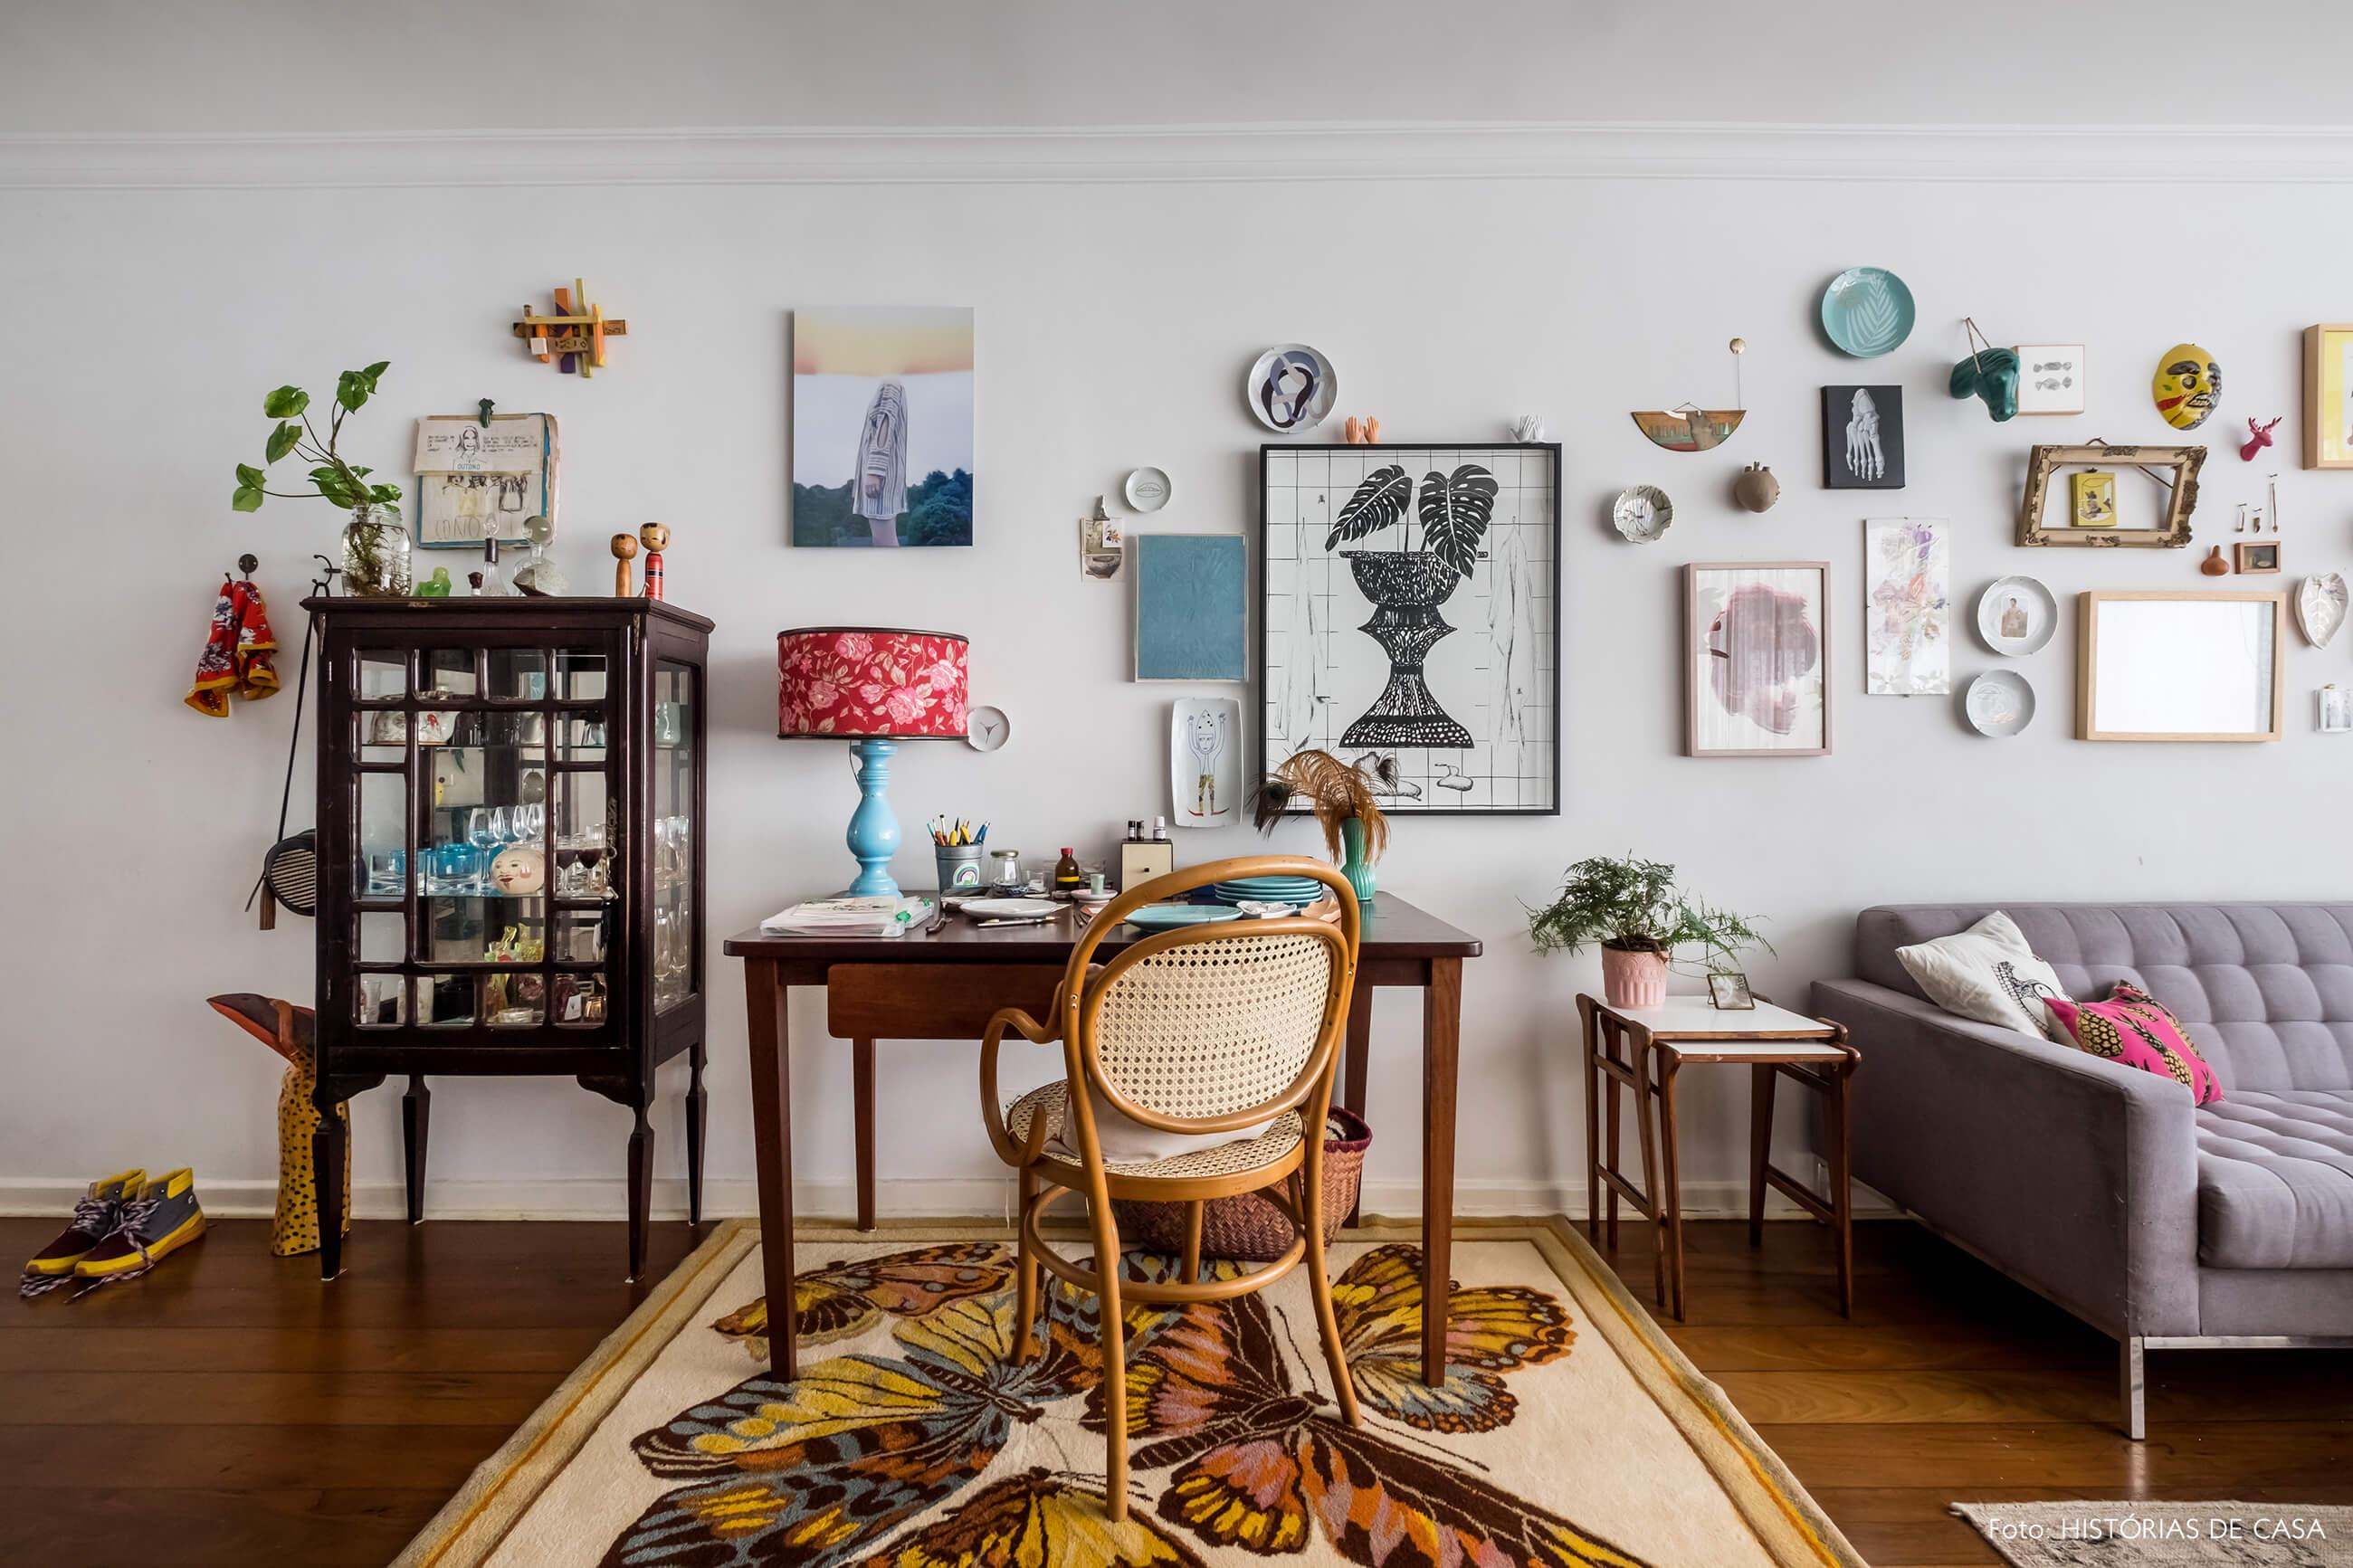 Sala com home office e ateliê, mesa de madeira com cadeira Thonet